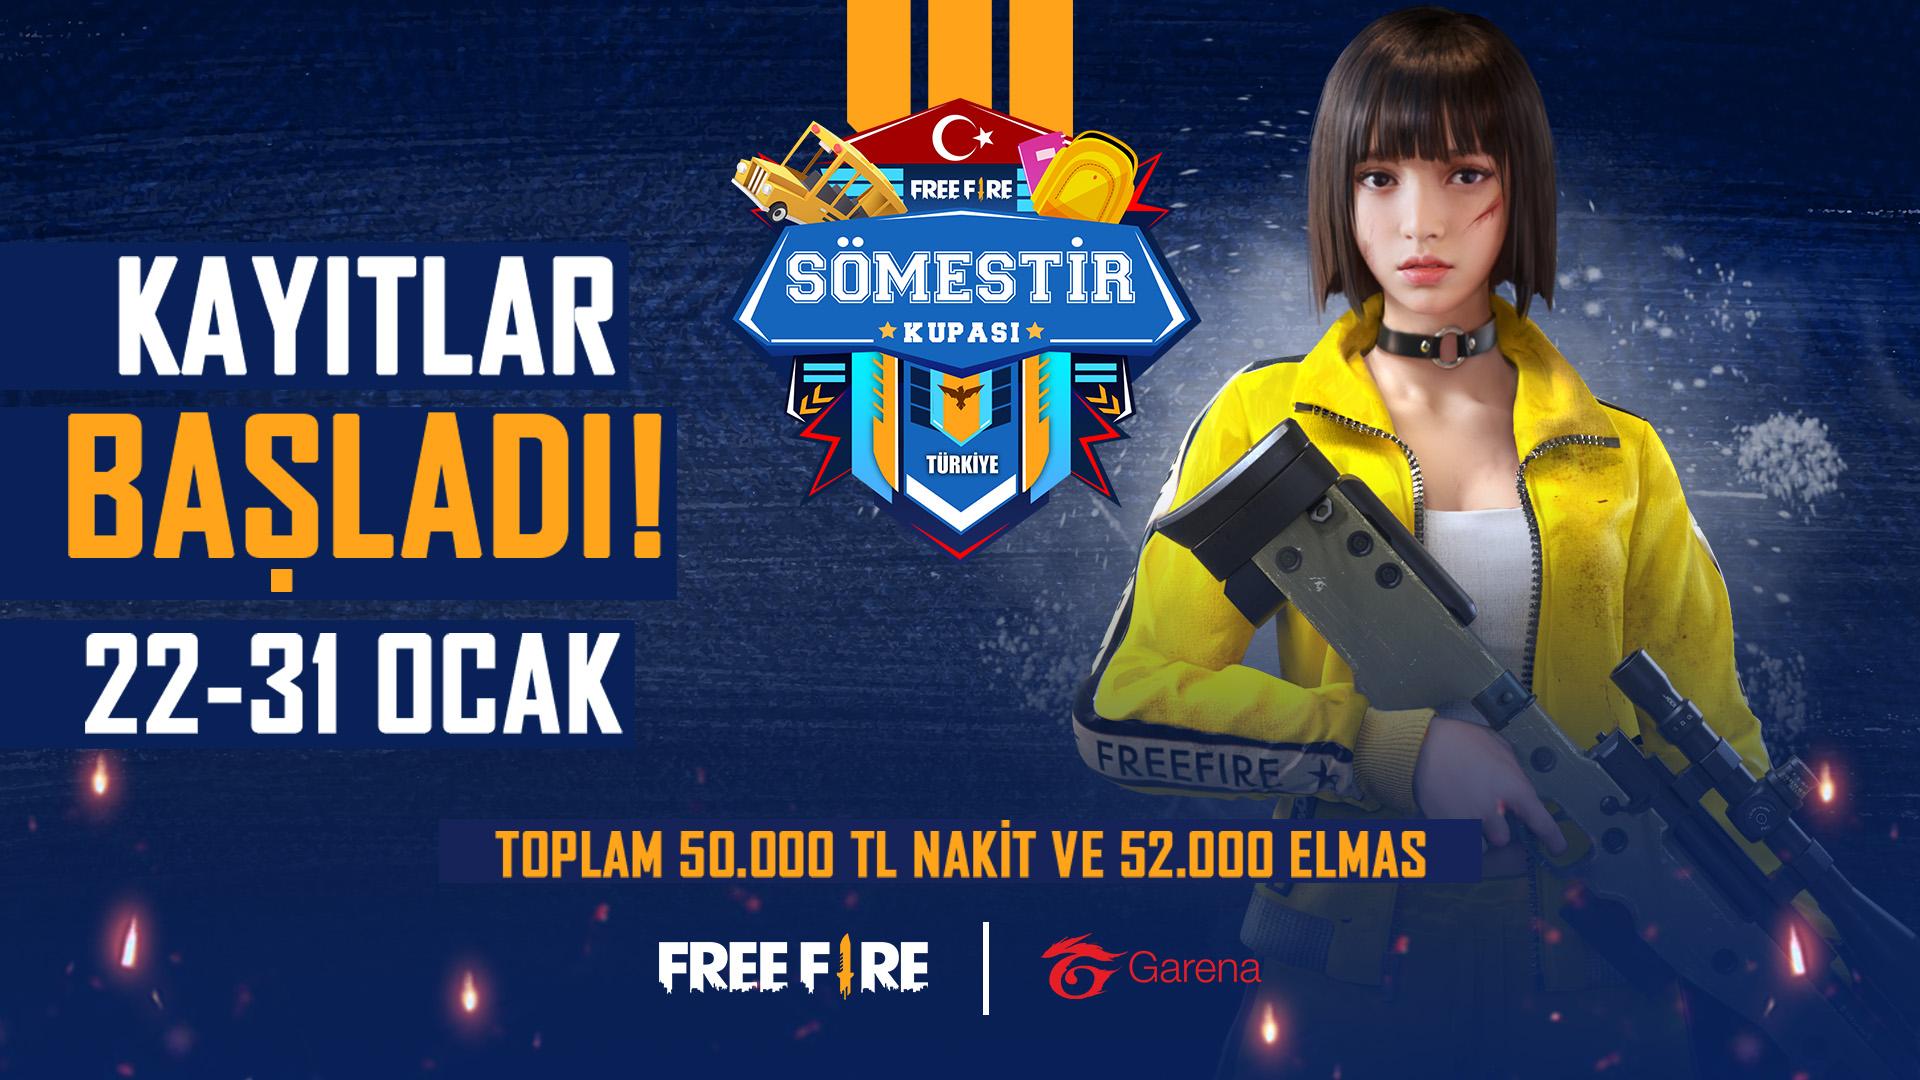 garena-2021-yilinda-turkiyede-gerceklestirecegi-ilk-turnuvasi-free-fire-somestir-kupasi-duyurdu